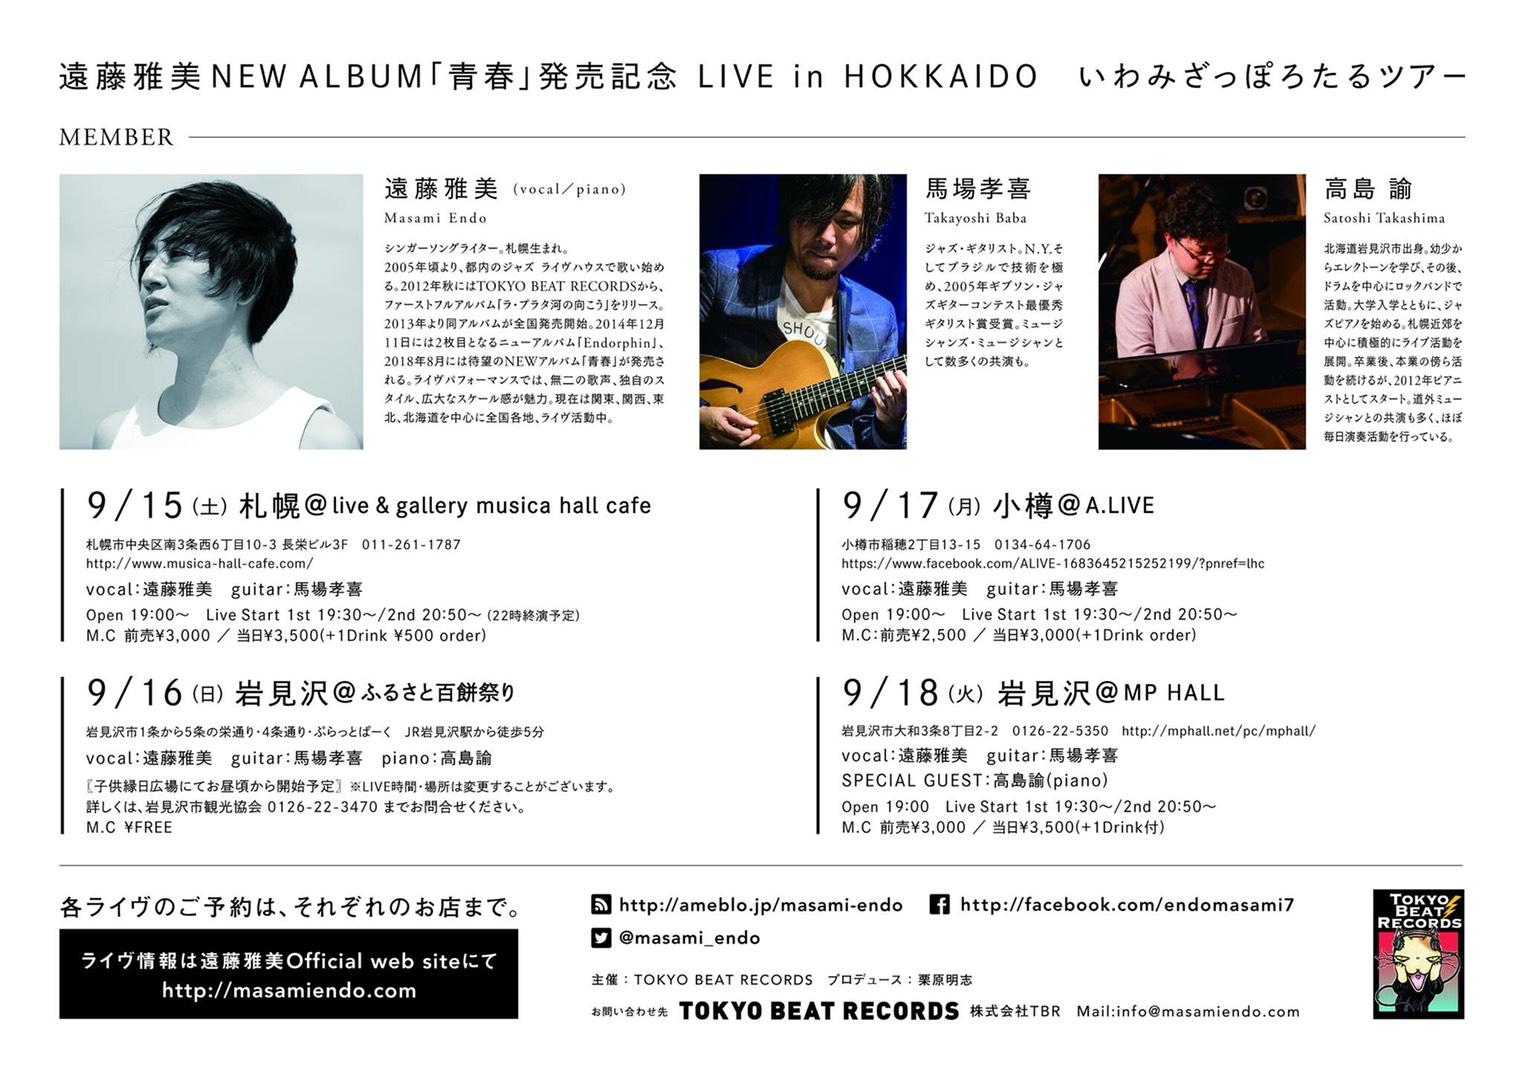 遠藤 雅美 NEW ALBUM「青春」発売記念LIVE in HOKKAIDO いわみざっぽろたるツアー